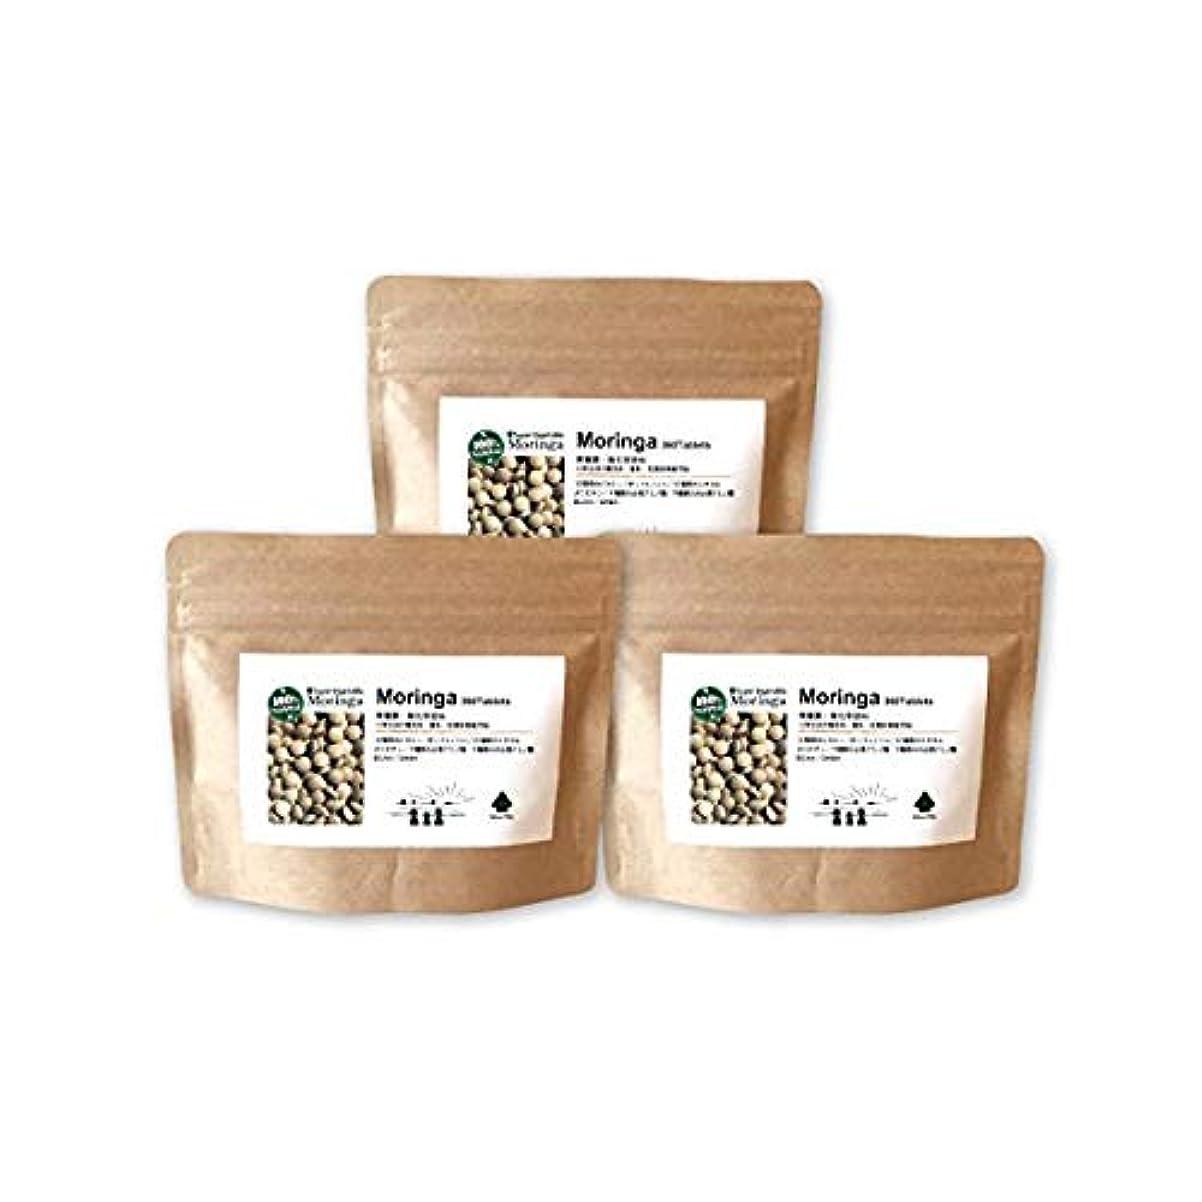 定規ヒューマニスティック表面的なモリンガ粒(3個セット) 沖縄産の無農薬?無化学肥料栽培モリンガ葉使用